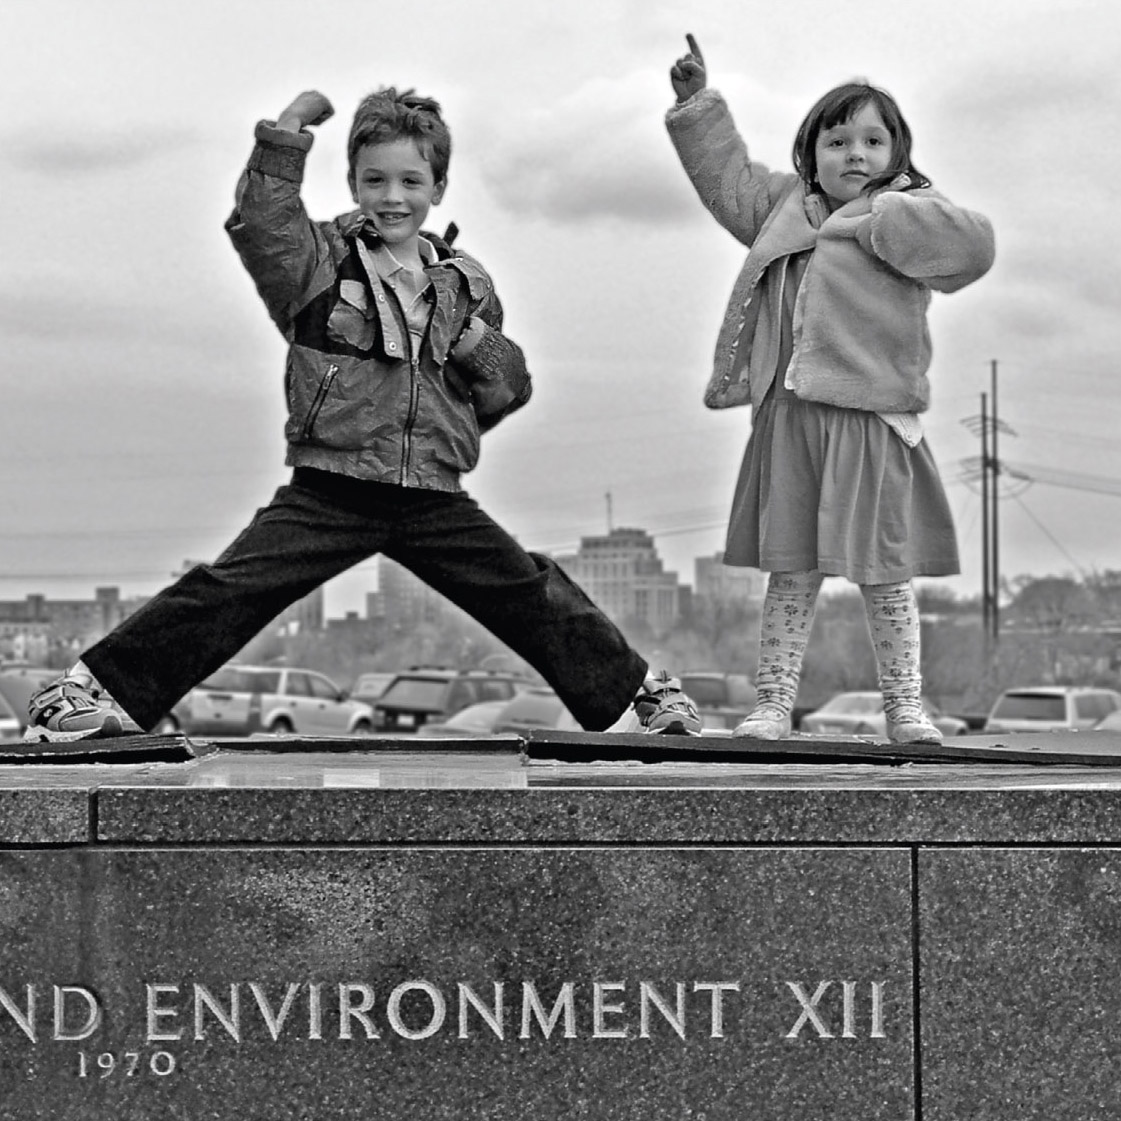 Myself_ Photographs of Children Pagesv2_interior 2-90.jpg